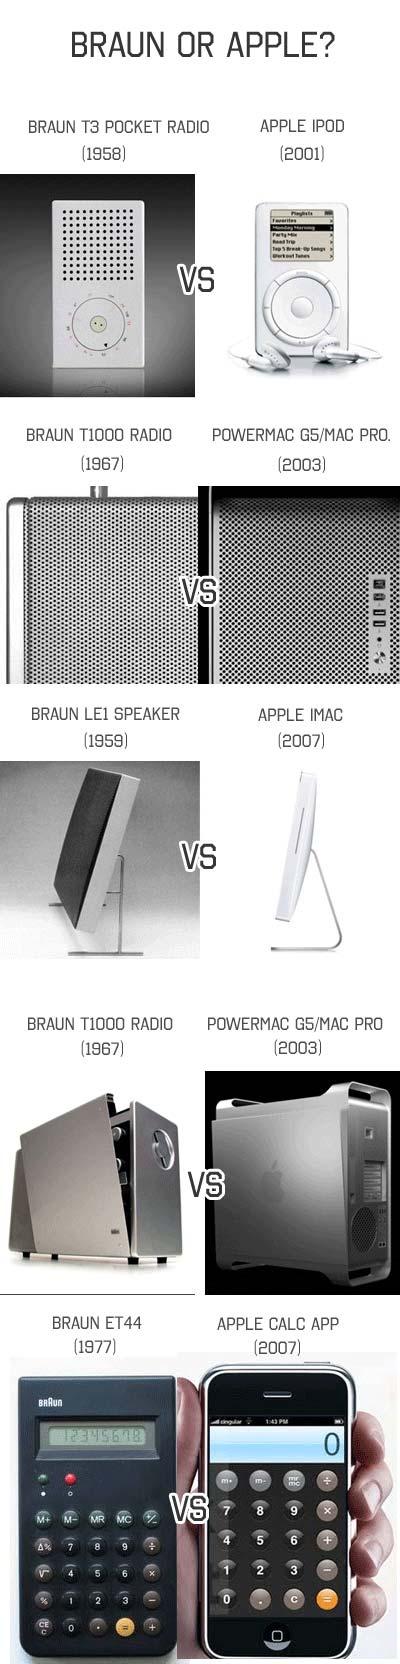 Actualidad Informática. Los diseños de Apple inspirados en los de Braun. Rafael Barzanallana. UMU